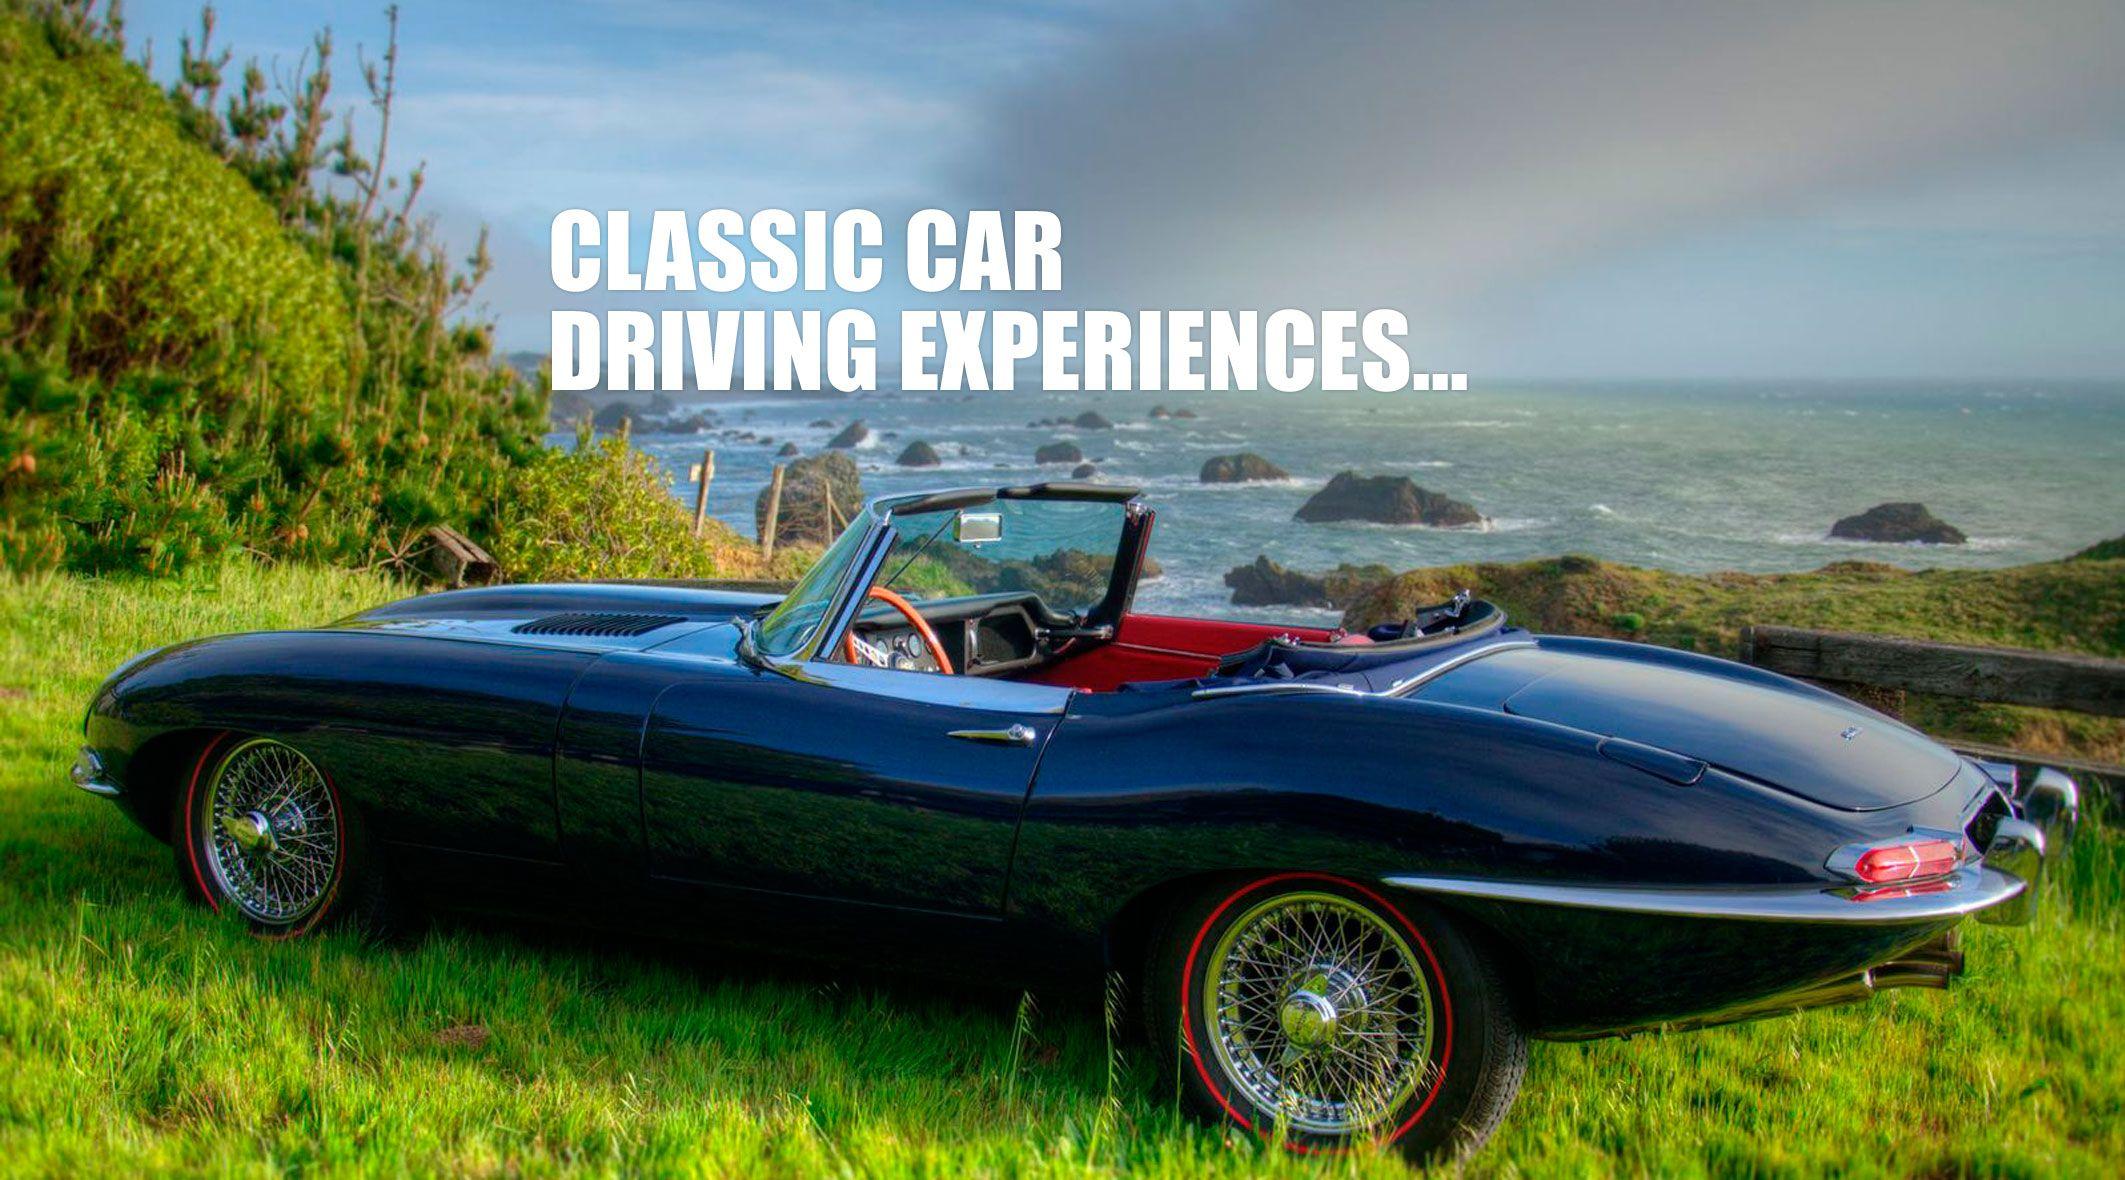 Db Autosportif Cars Luxury Car Rental In Sonoma Classic Sports Cars Luxury Car Rental Classic Cars